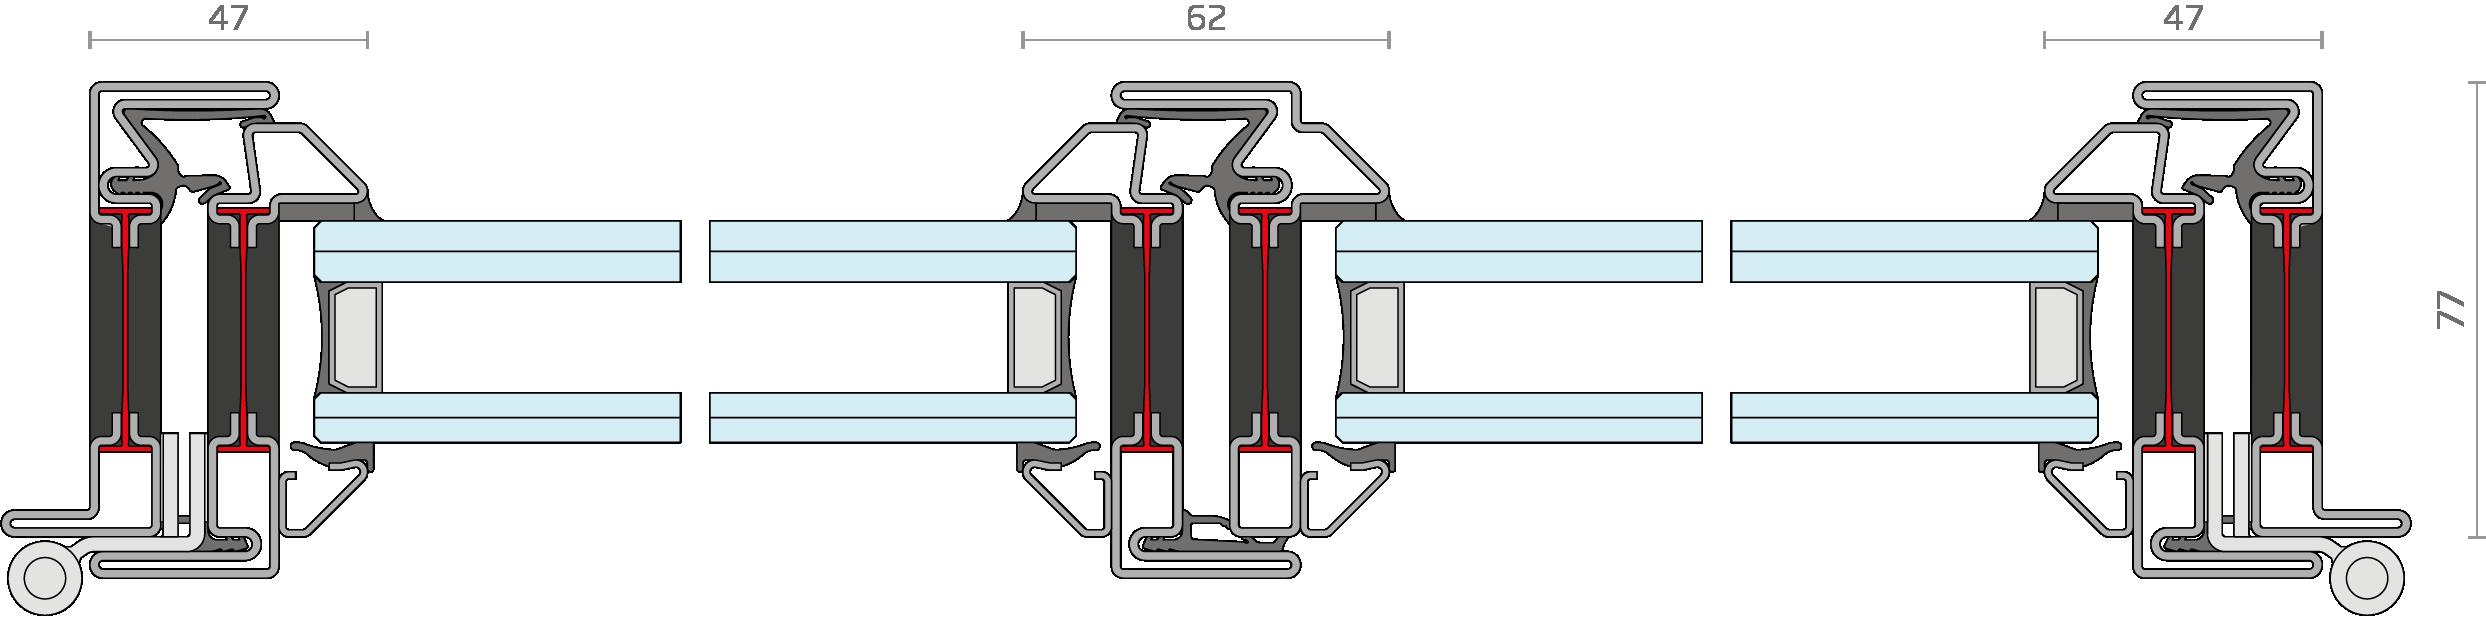 BV 75_P AI h-09